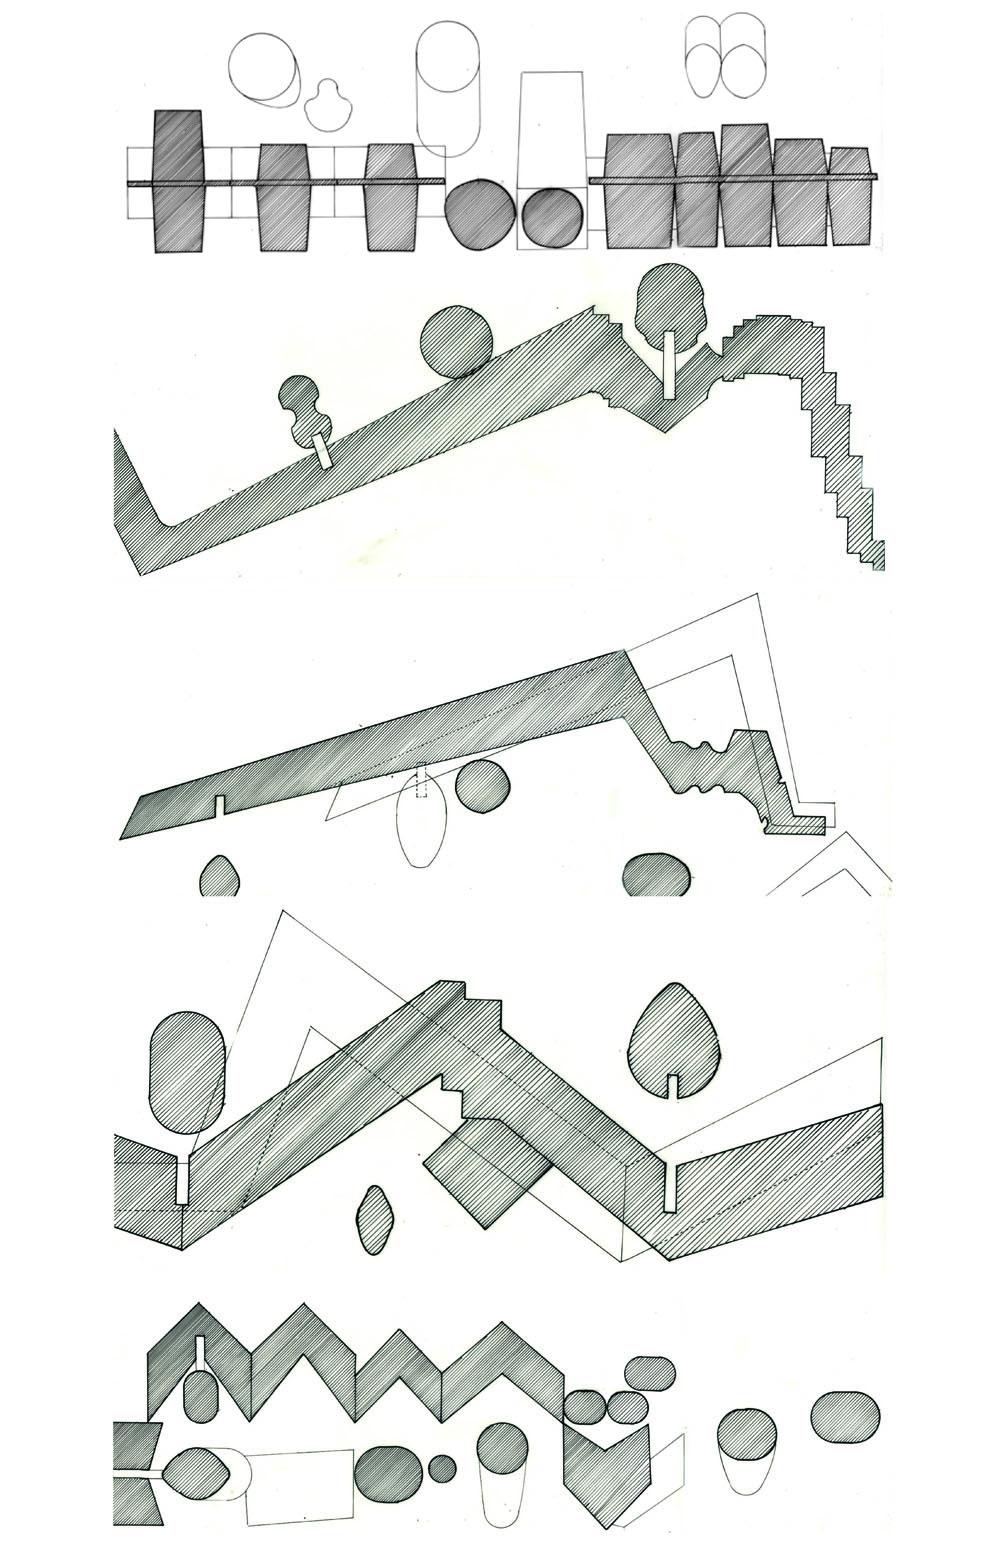 Copy of spring08-drawings4.jpg